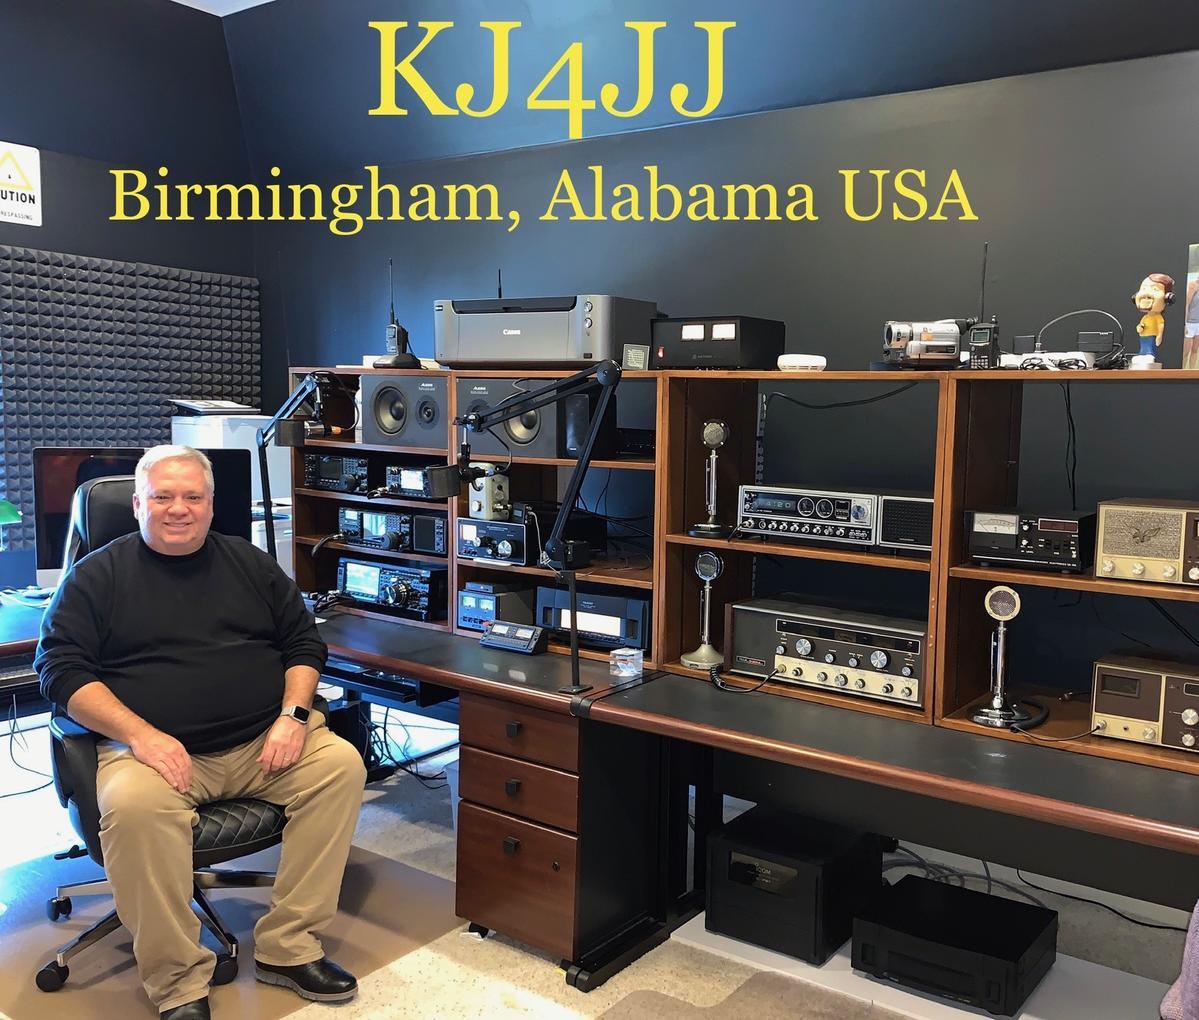 Primary Image for KJ4JJ